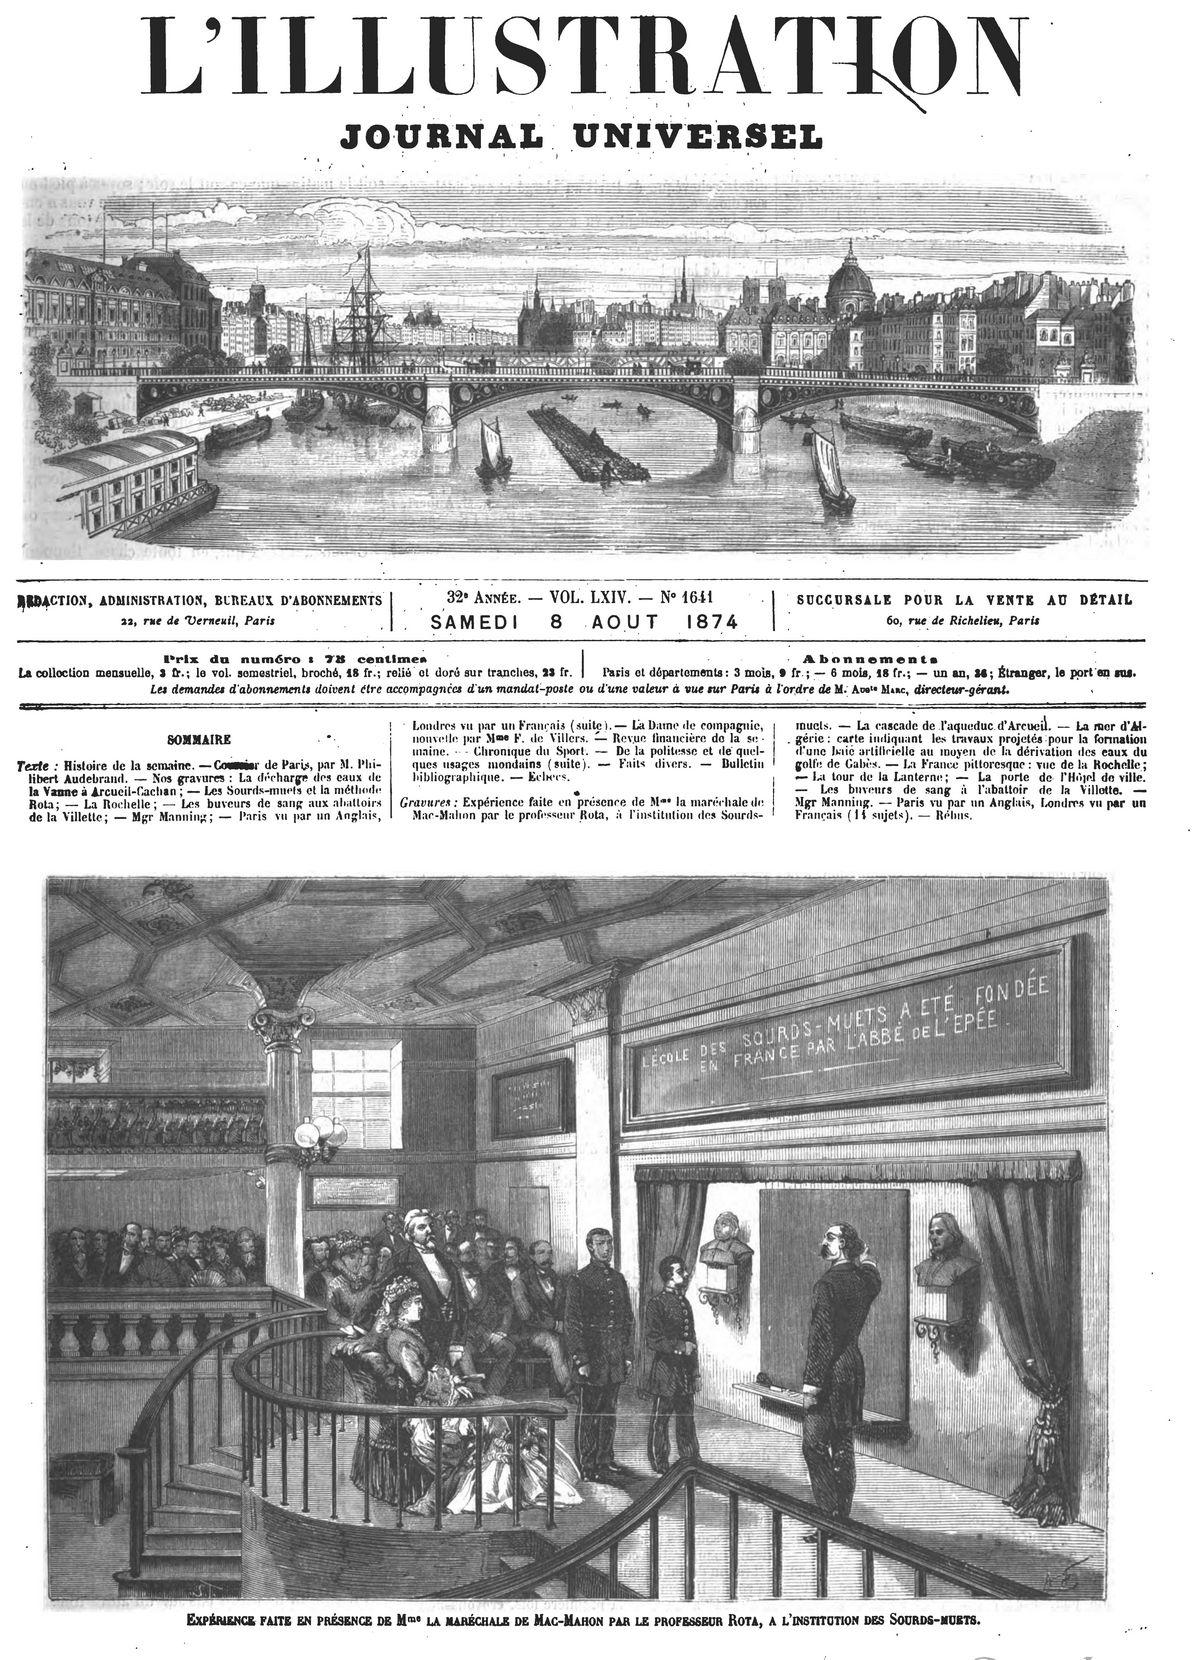 Expérience faite en présence de Mme la maréchale de Mac-Mahon par le professeur Rota, à l'institution des Sourds-muets 1874